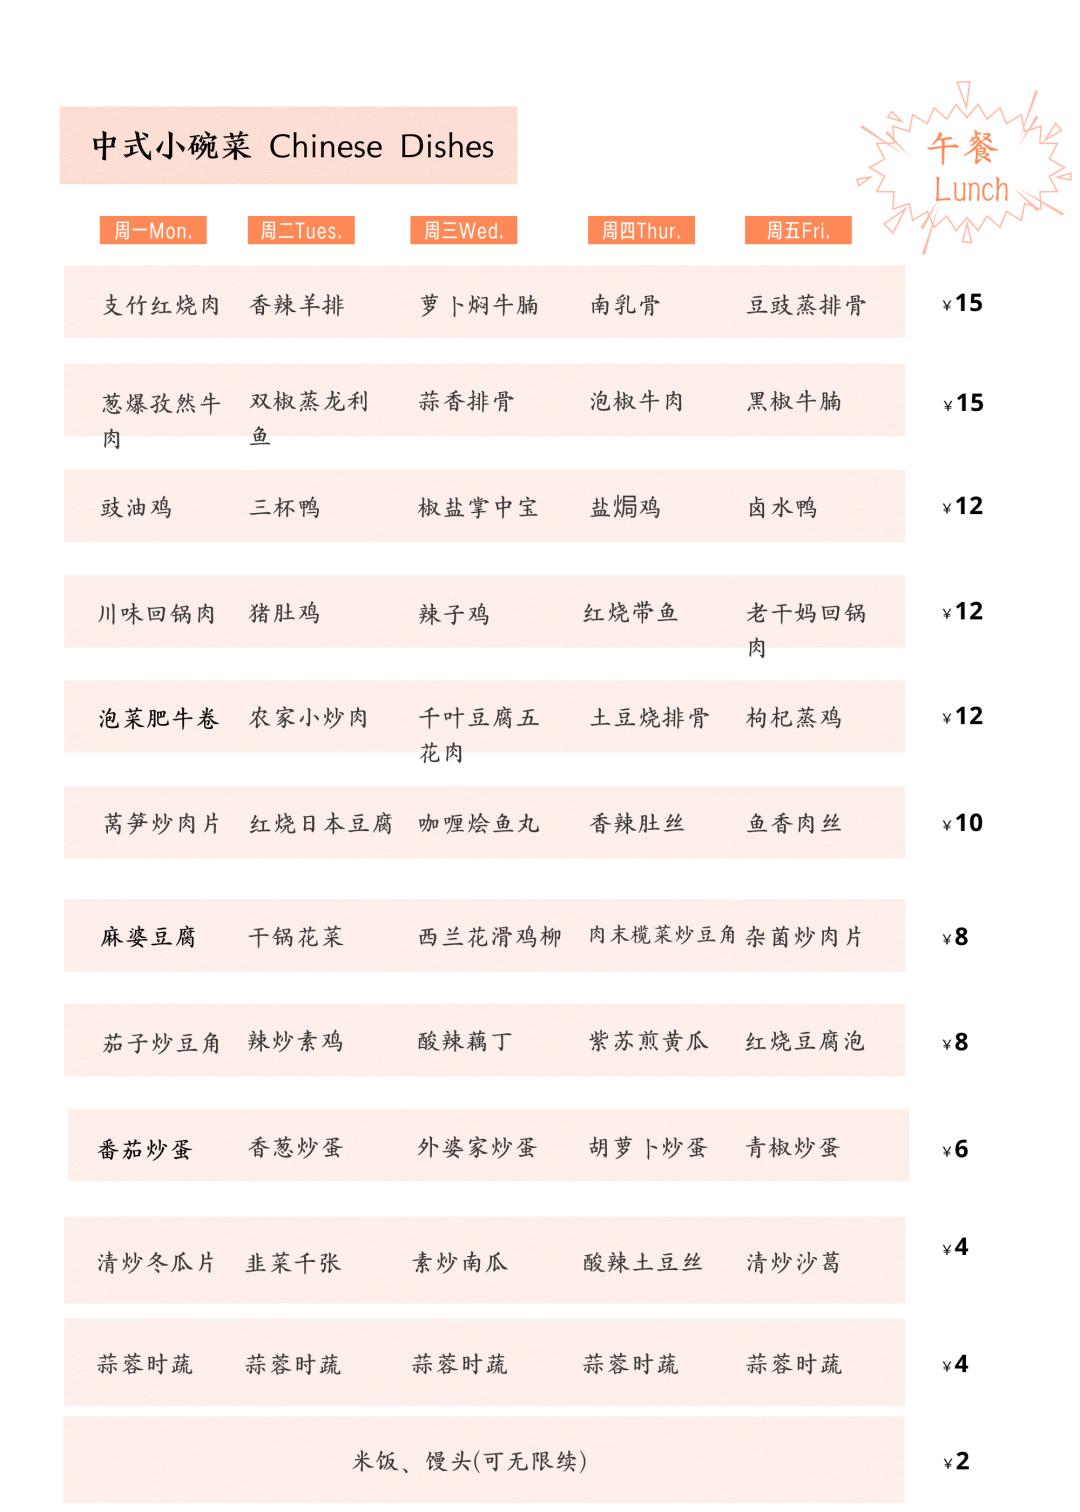 深国交的师生在冬天不出门便可以品尝到经典的节日美食啦  深国交 深圳国际交流学院 学在国交 第3张